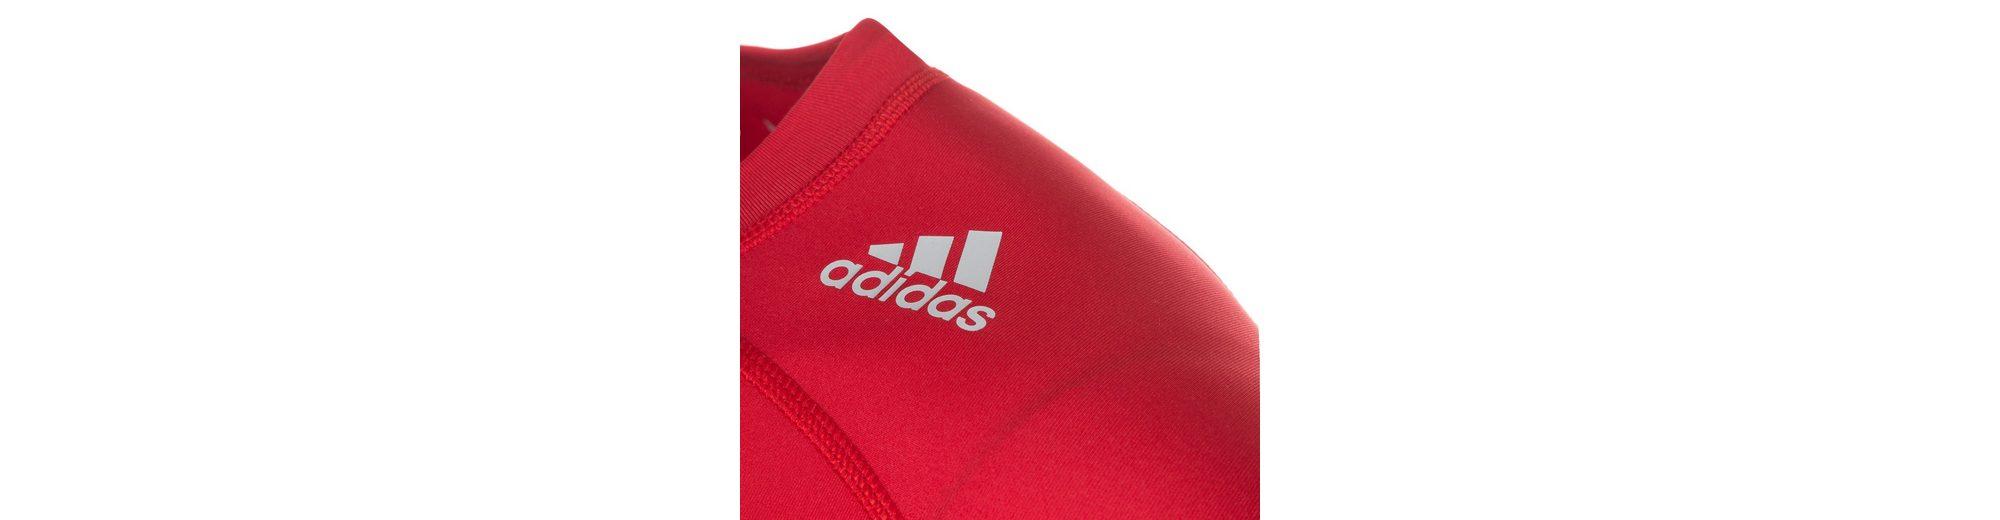 Spielraum Billig Echt Freies Verschiffen-Spielraum Store adidas Performance TechFit Base Trainingsshirt Herren aCiQposQQ6